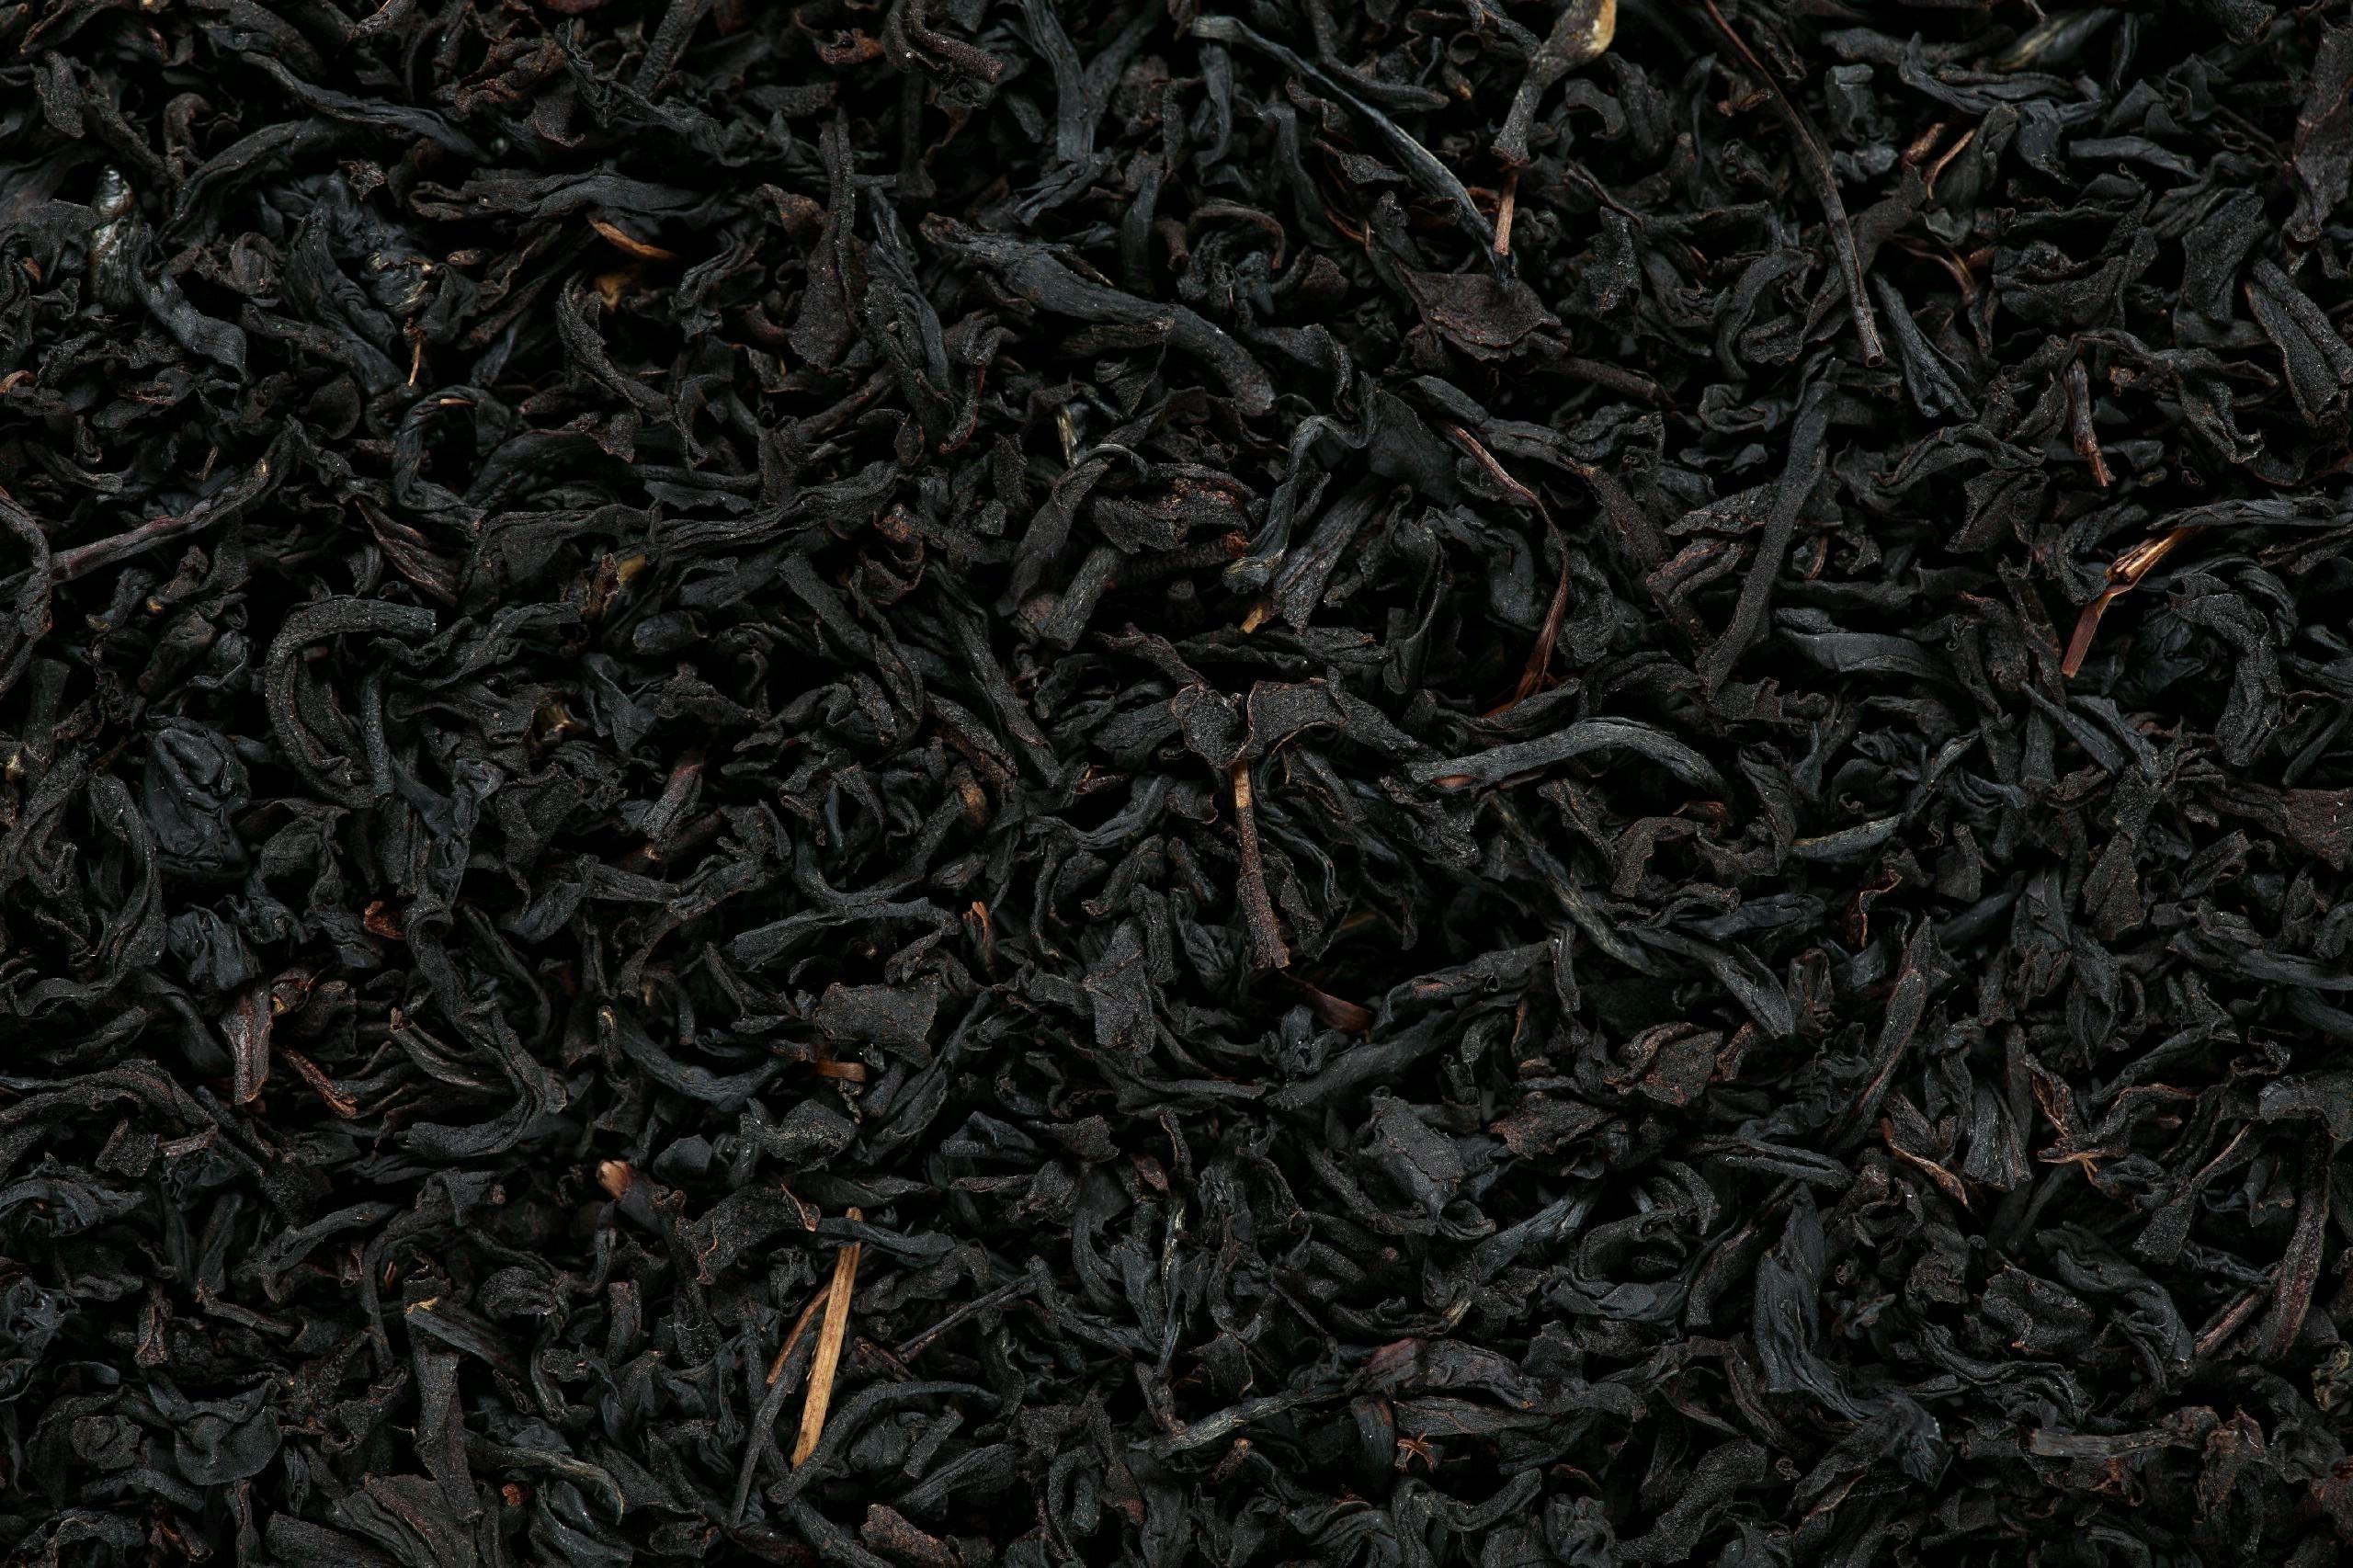 デスクトップ壁紙 自然 写真 ドリンク お茶 土壌 2560x1706 Px